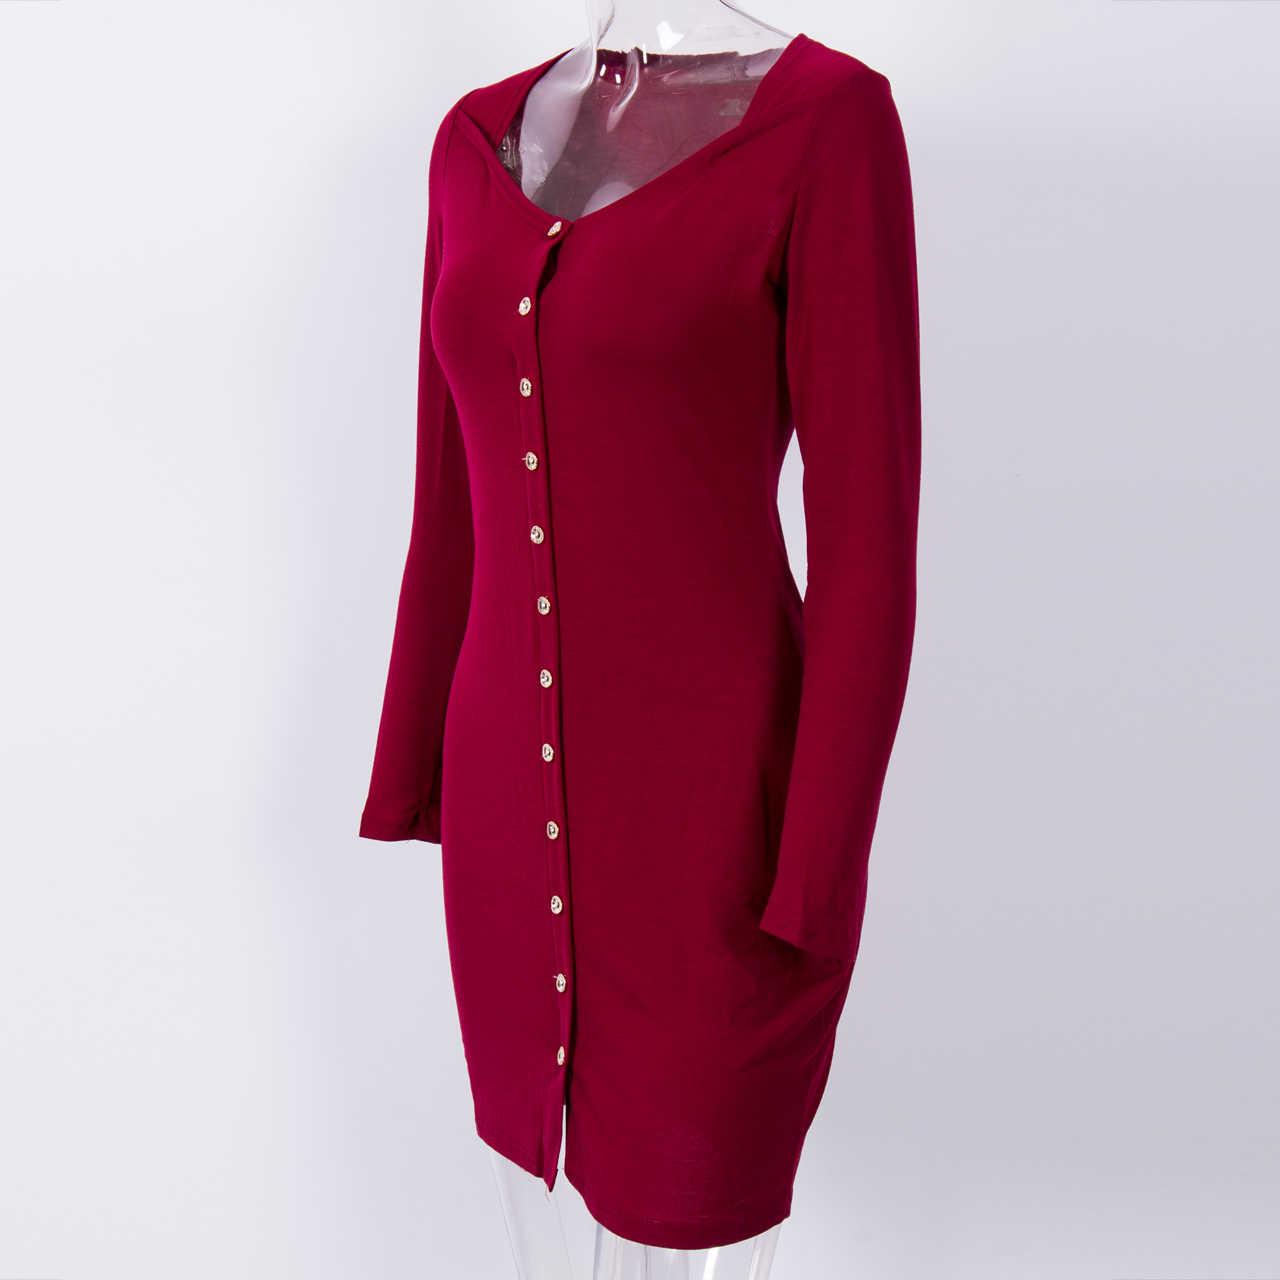 Kadın Bandaj düğme Bodycon Ince Uzun Kollu O boyun Akşam Parti Kalem Mini Elbise vestidos elbiseler kadınlar için